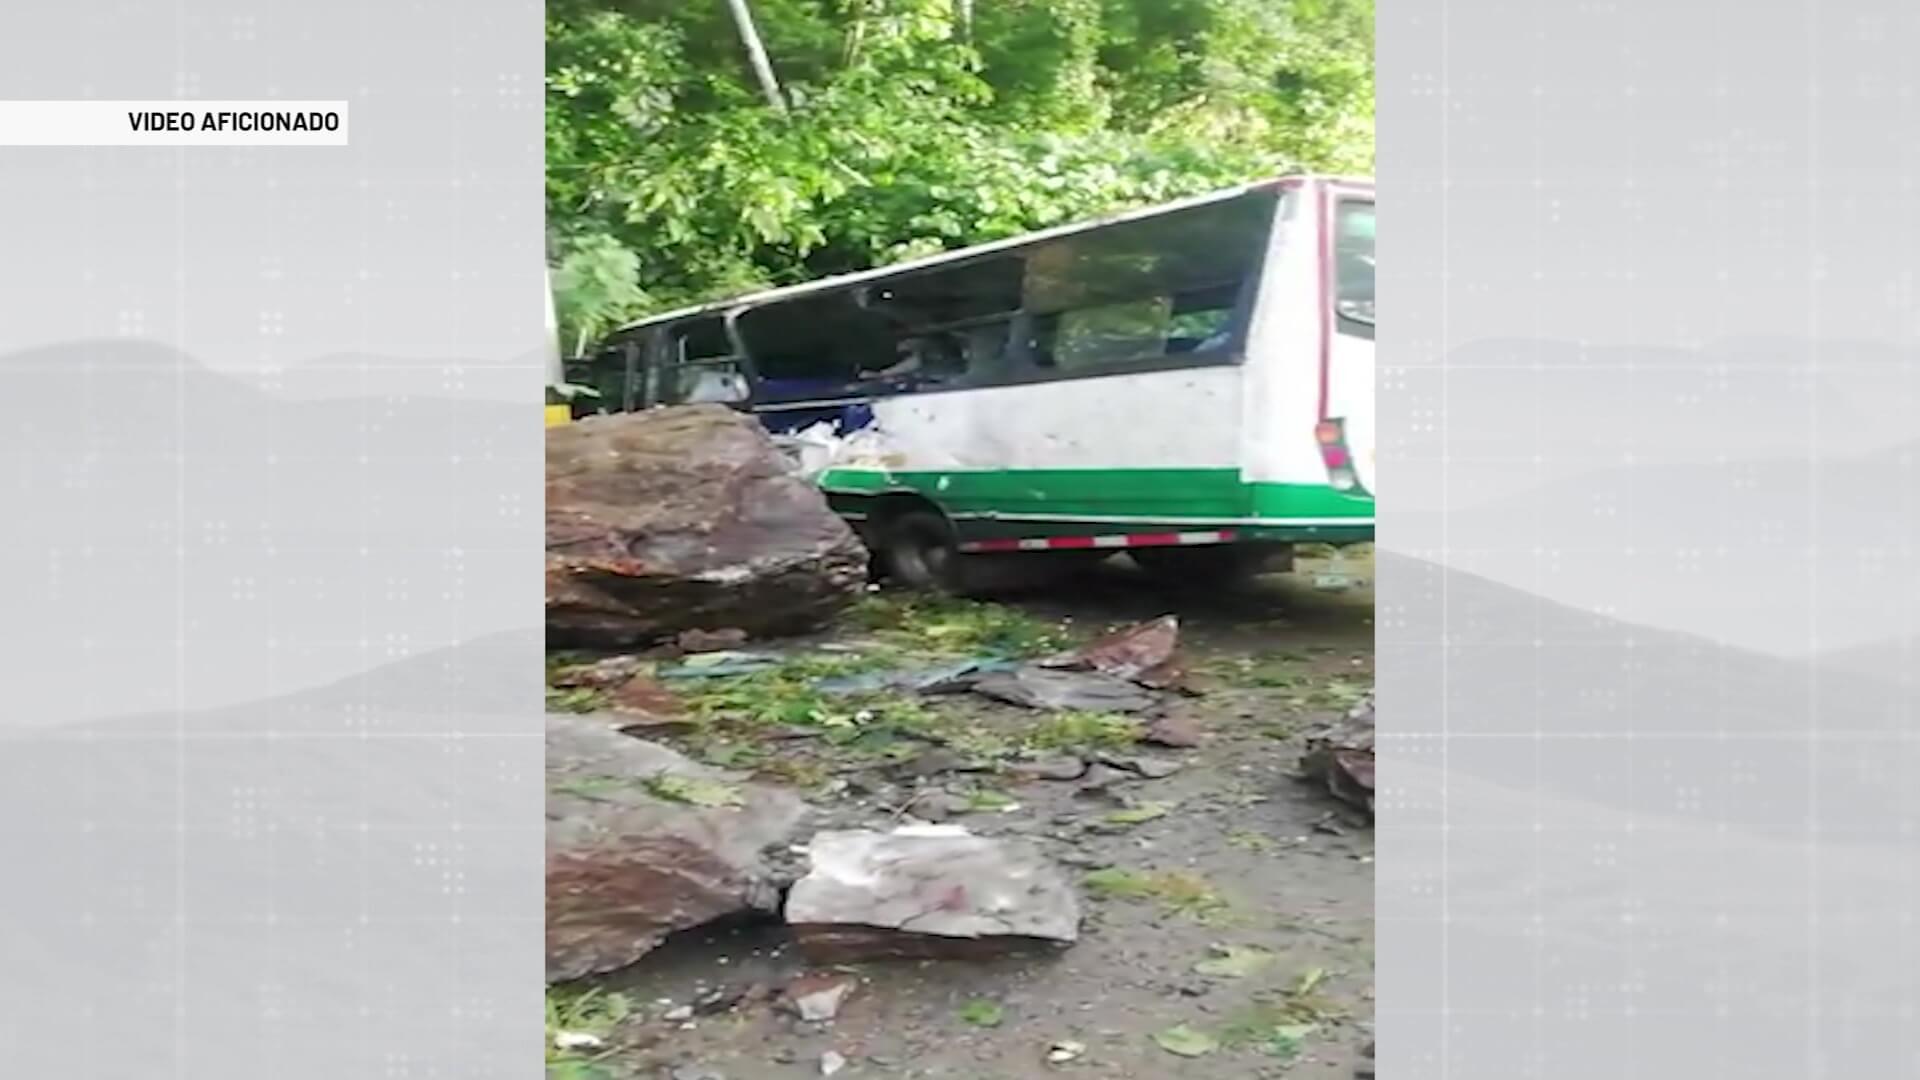 Alud de rocas cayó sobre bus con 18 personas